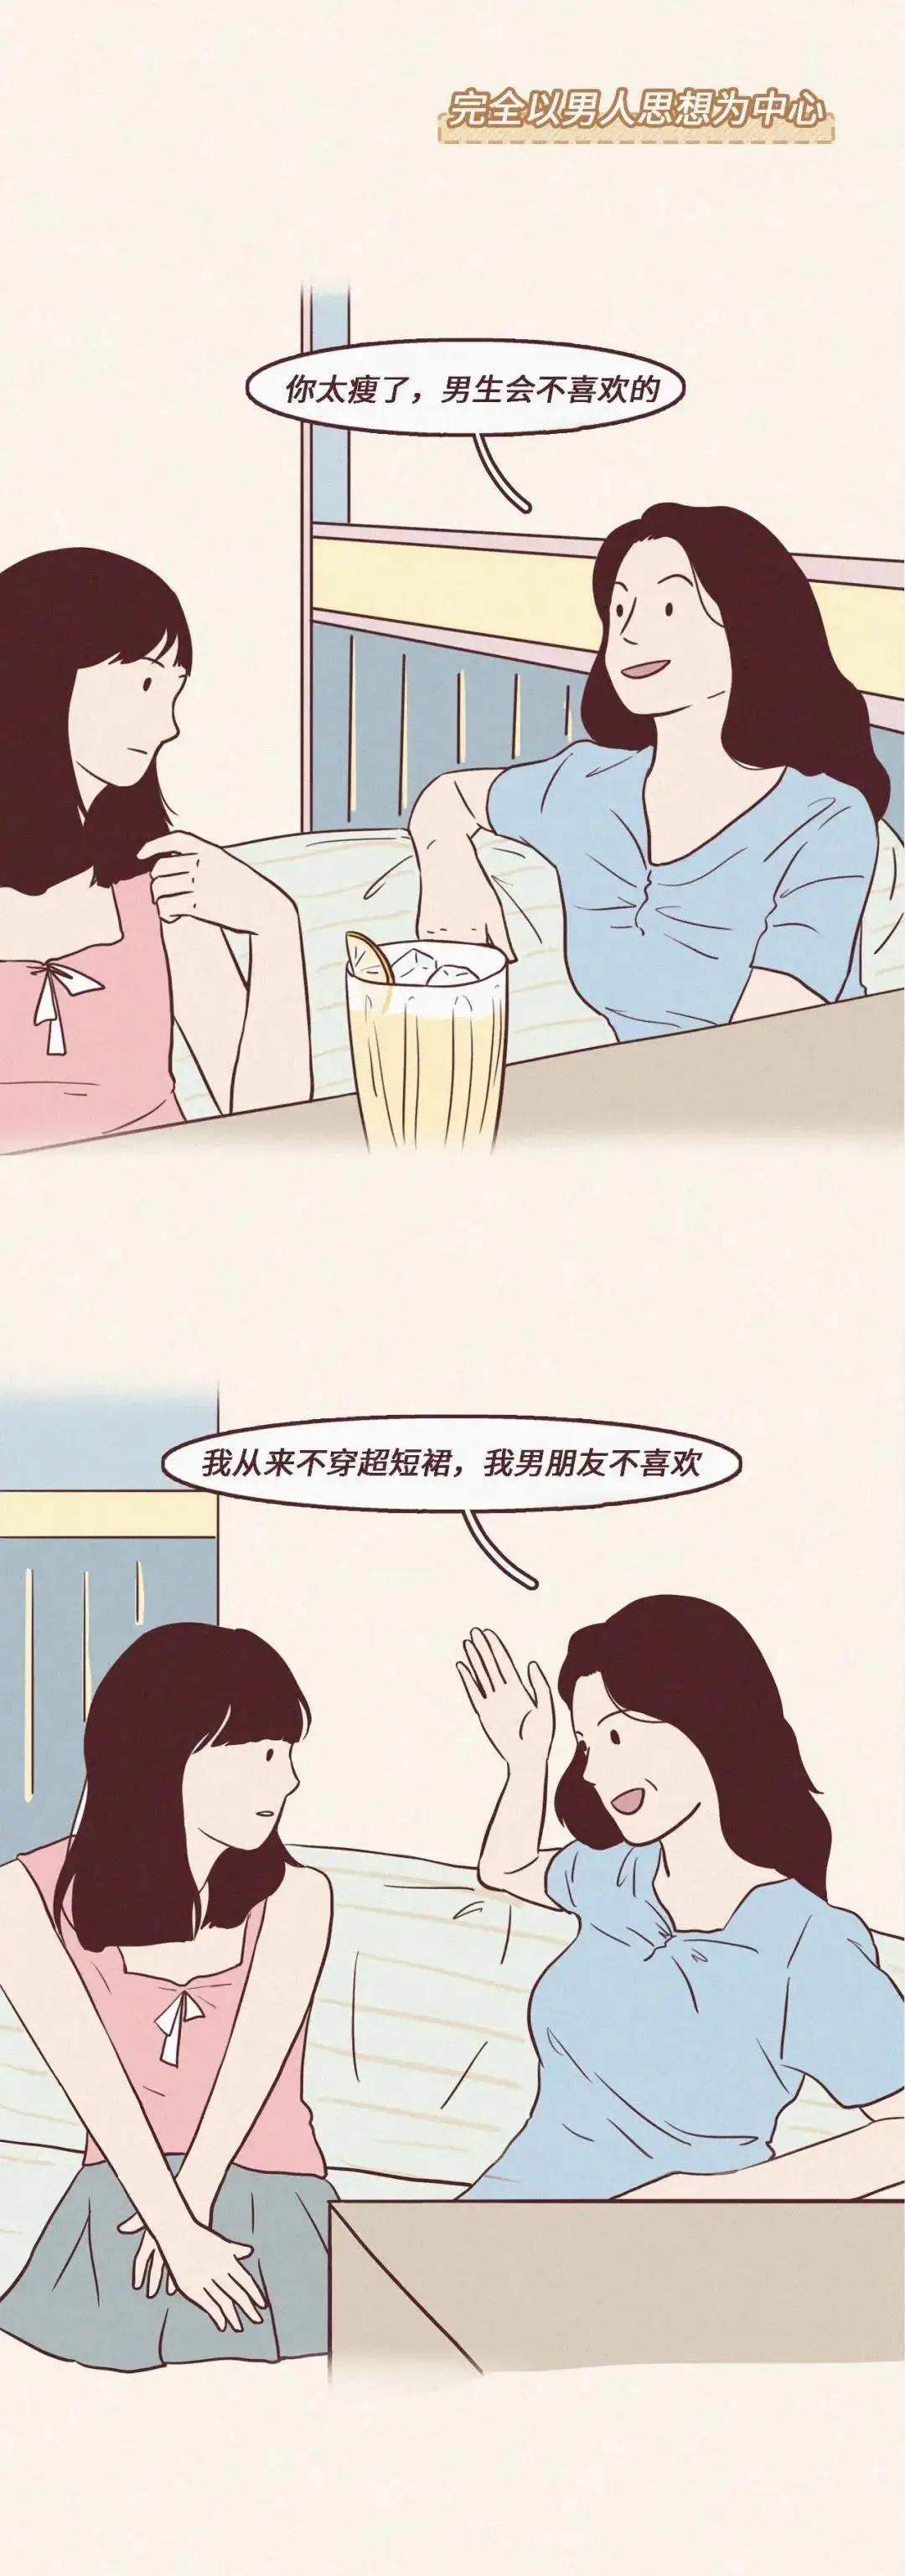 人性漫畫:男生勿入,女生哪些行為讓人覺得很low?